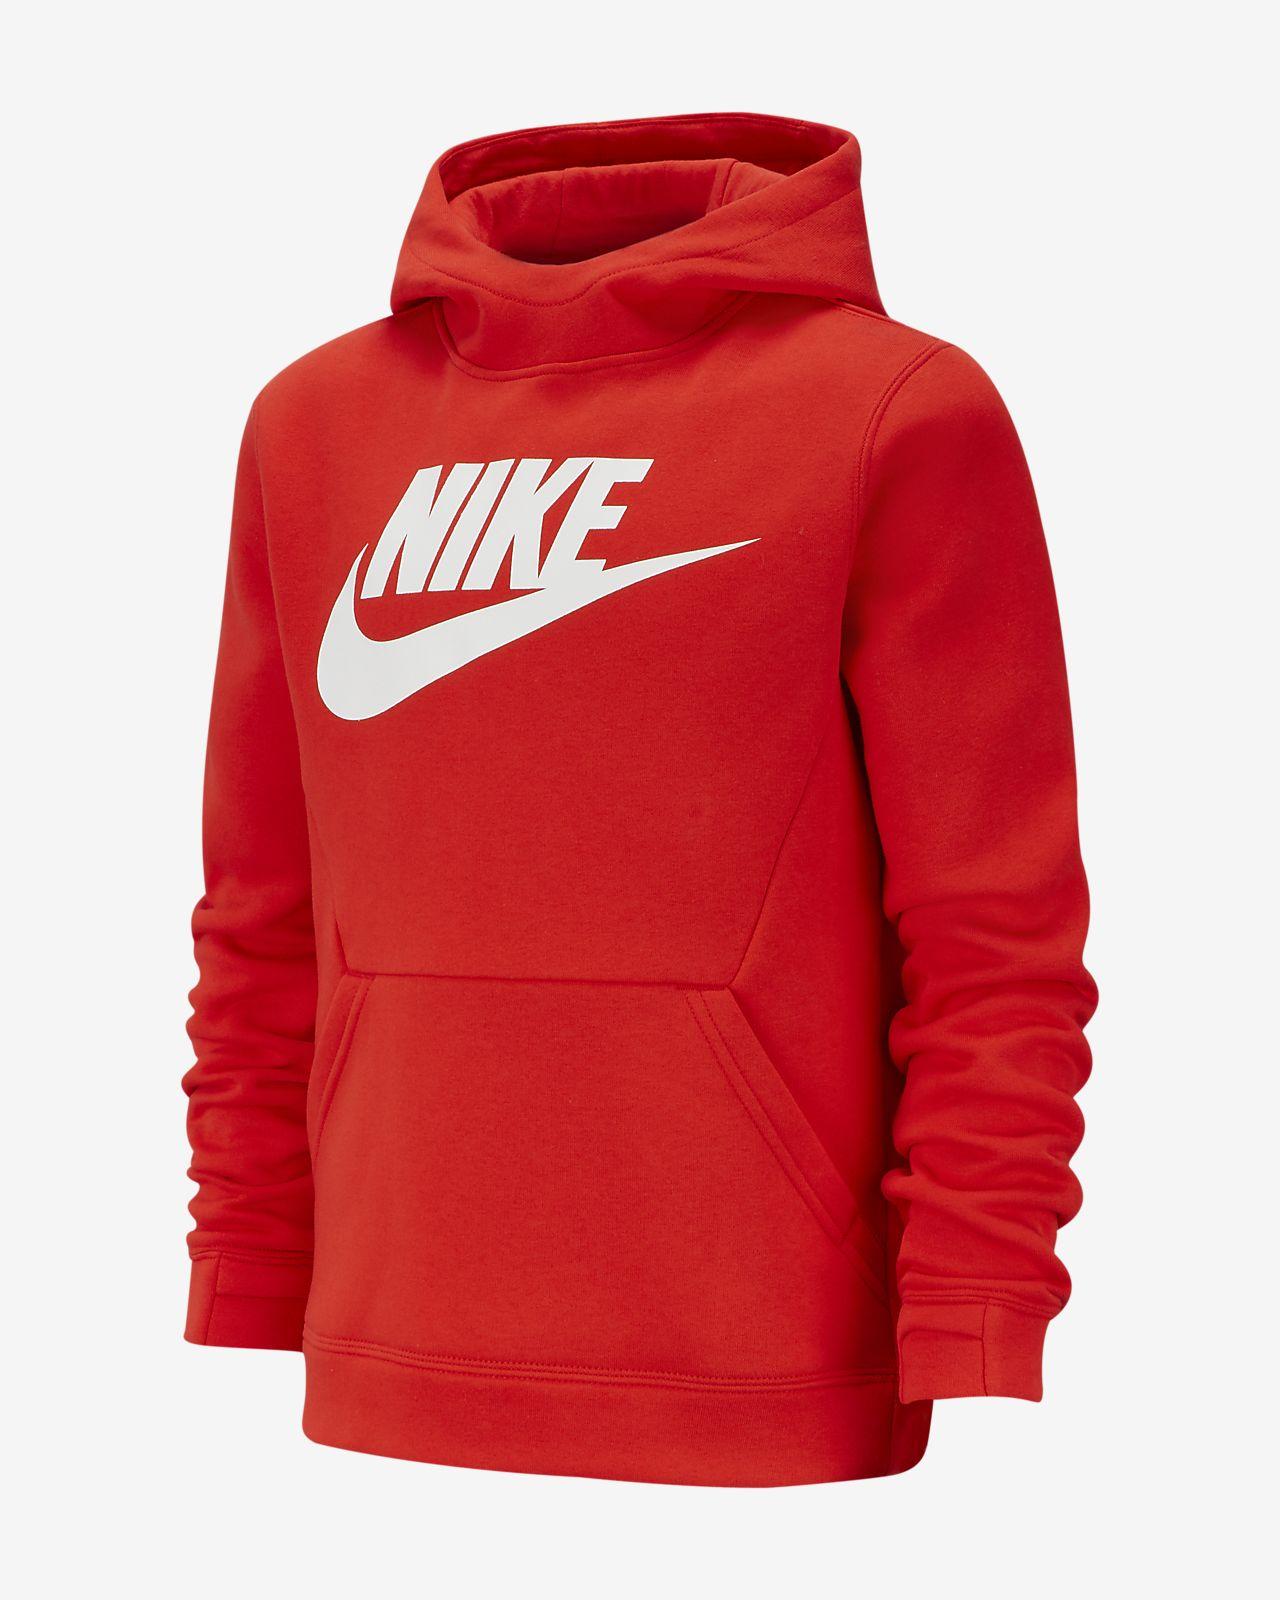 Chlapecká flísová mikina Nike Sportswear s kapucí